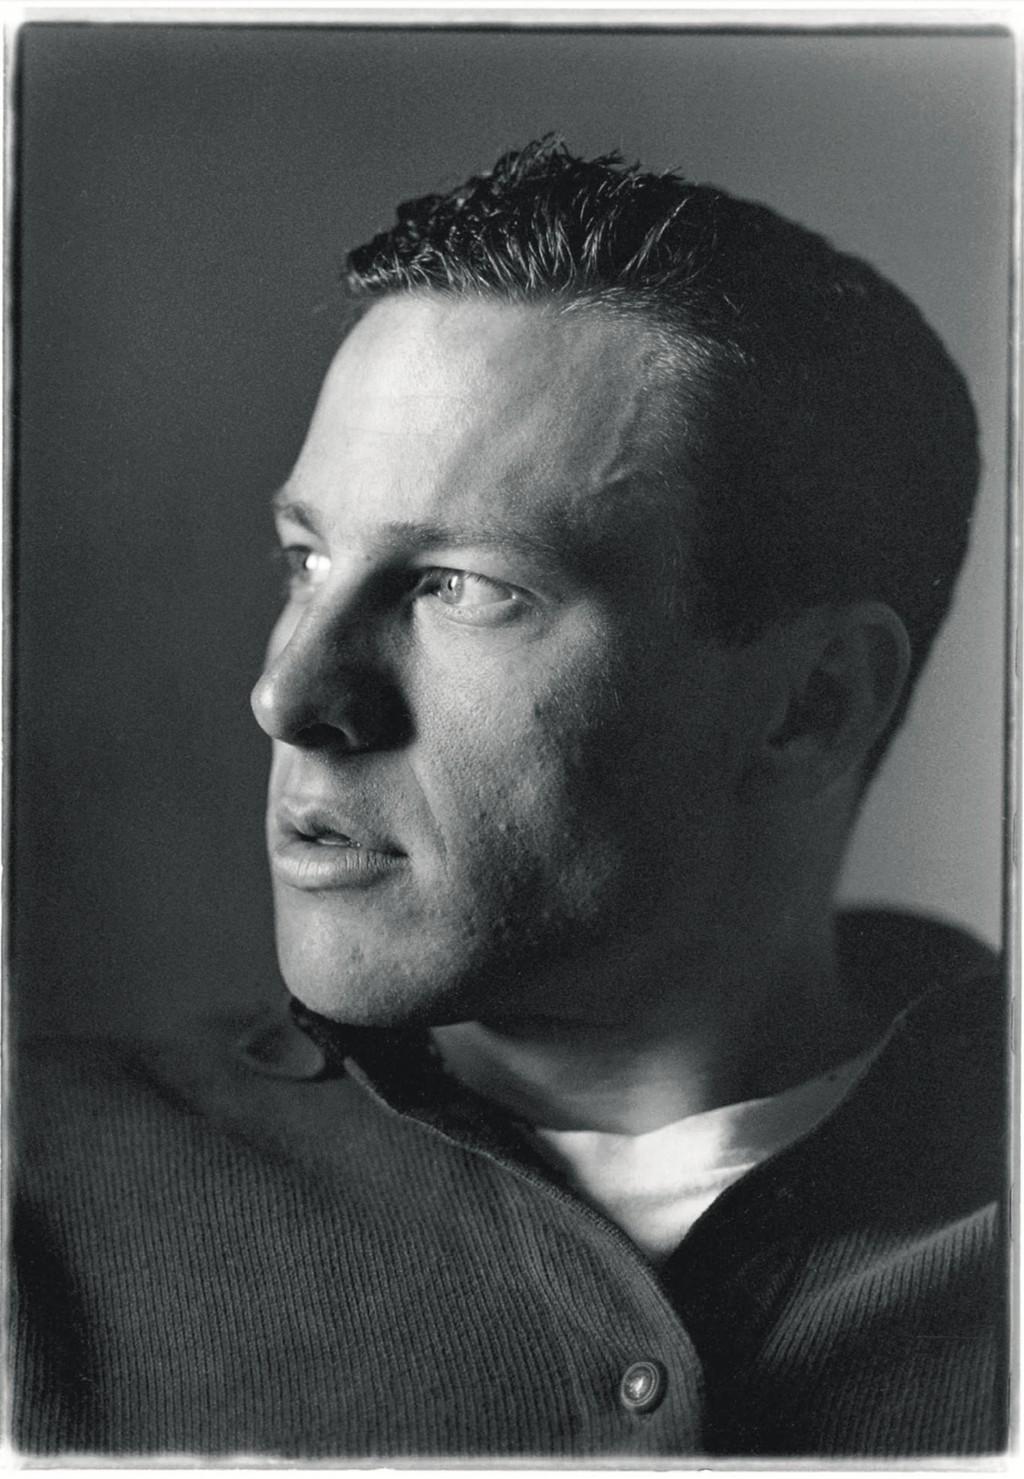 Phil O'Connor